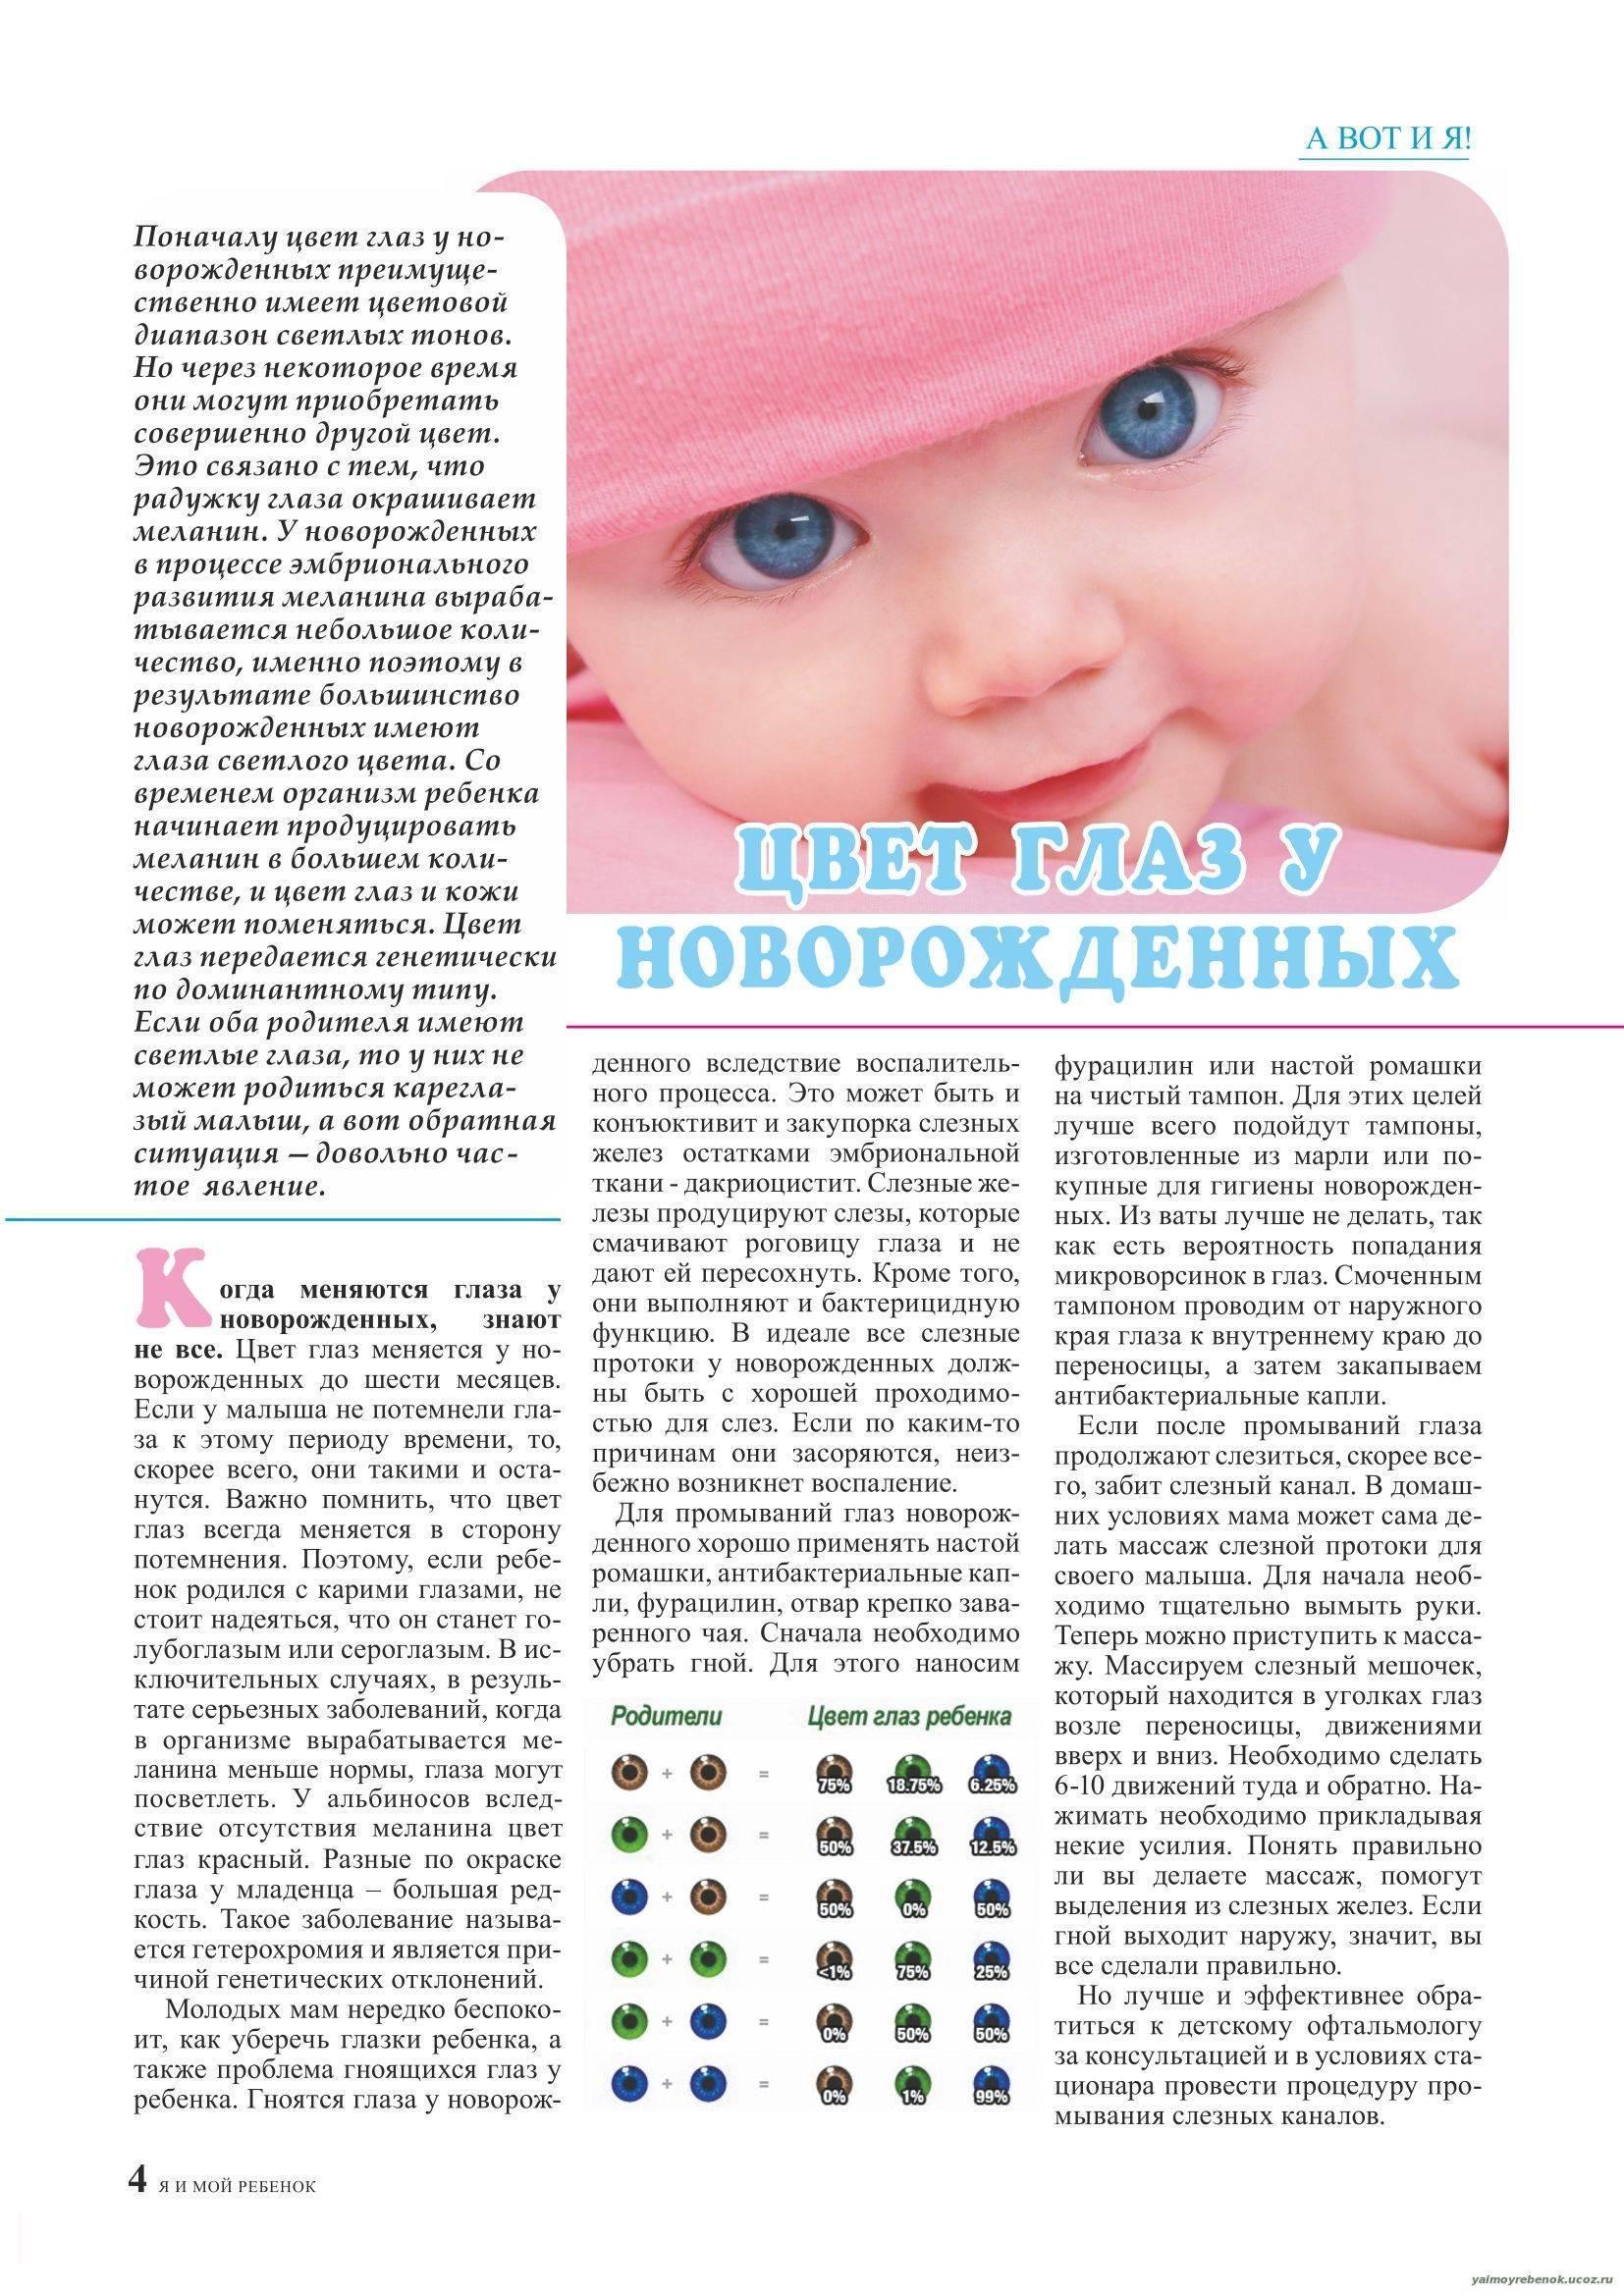 Цвет глаз у новорожденного: от чего зависит и как изменяется